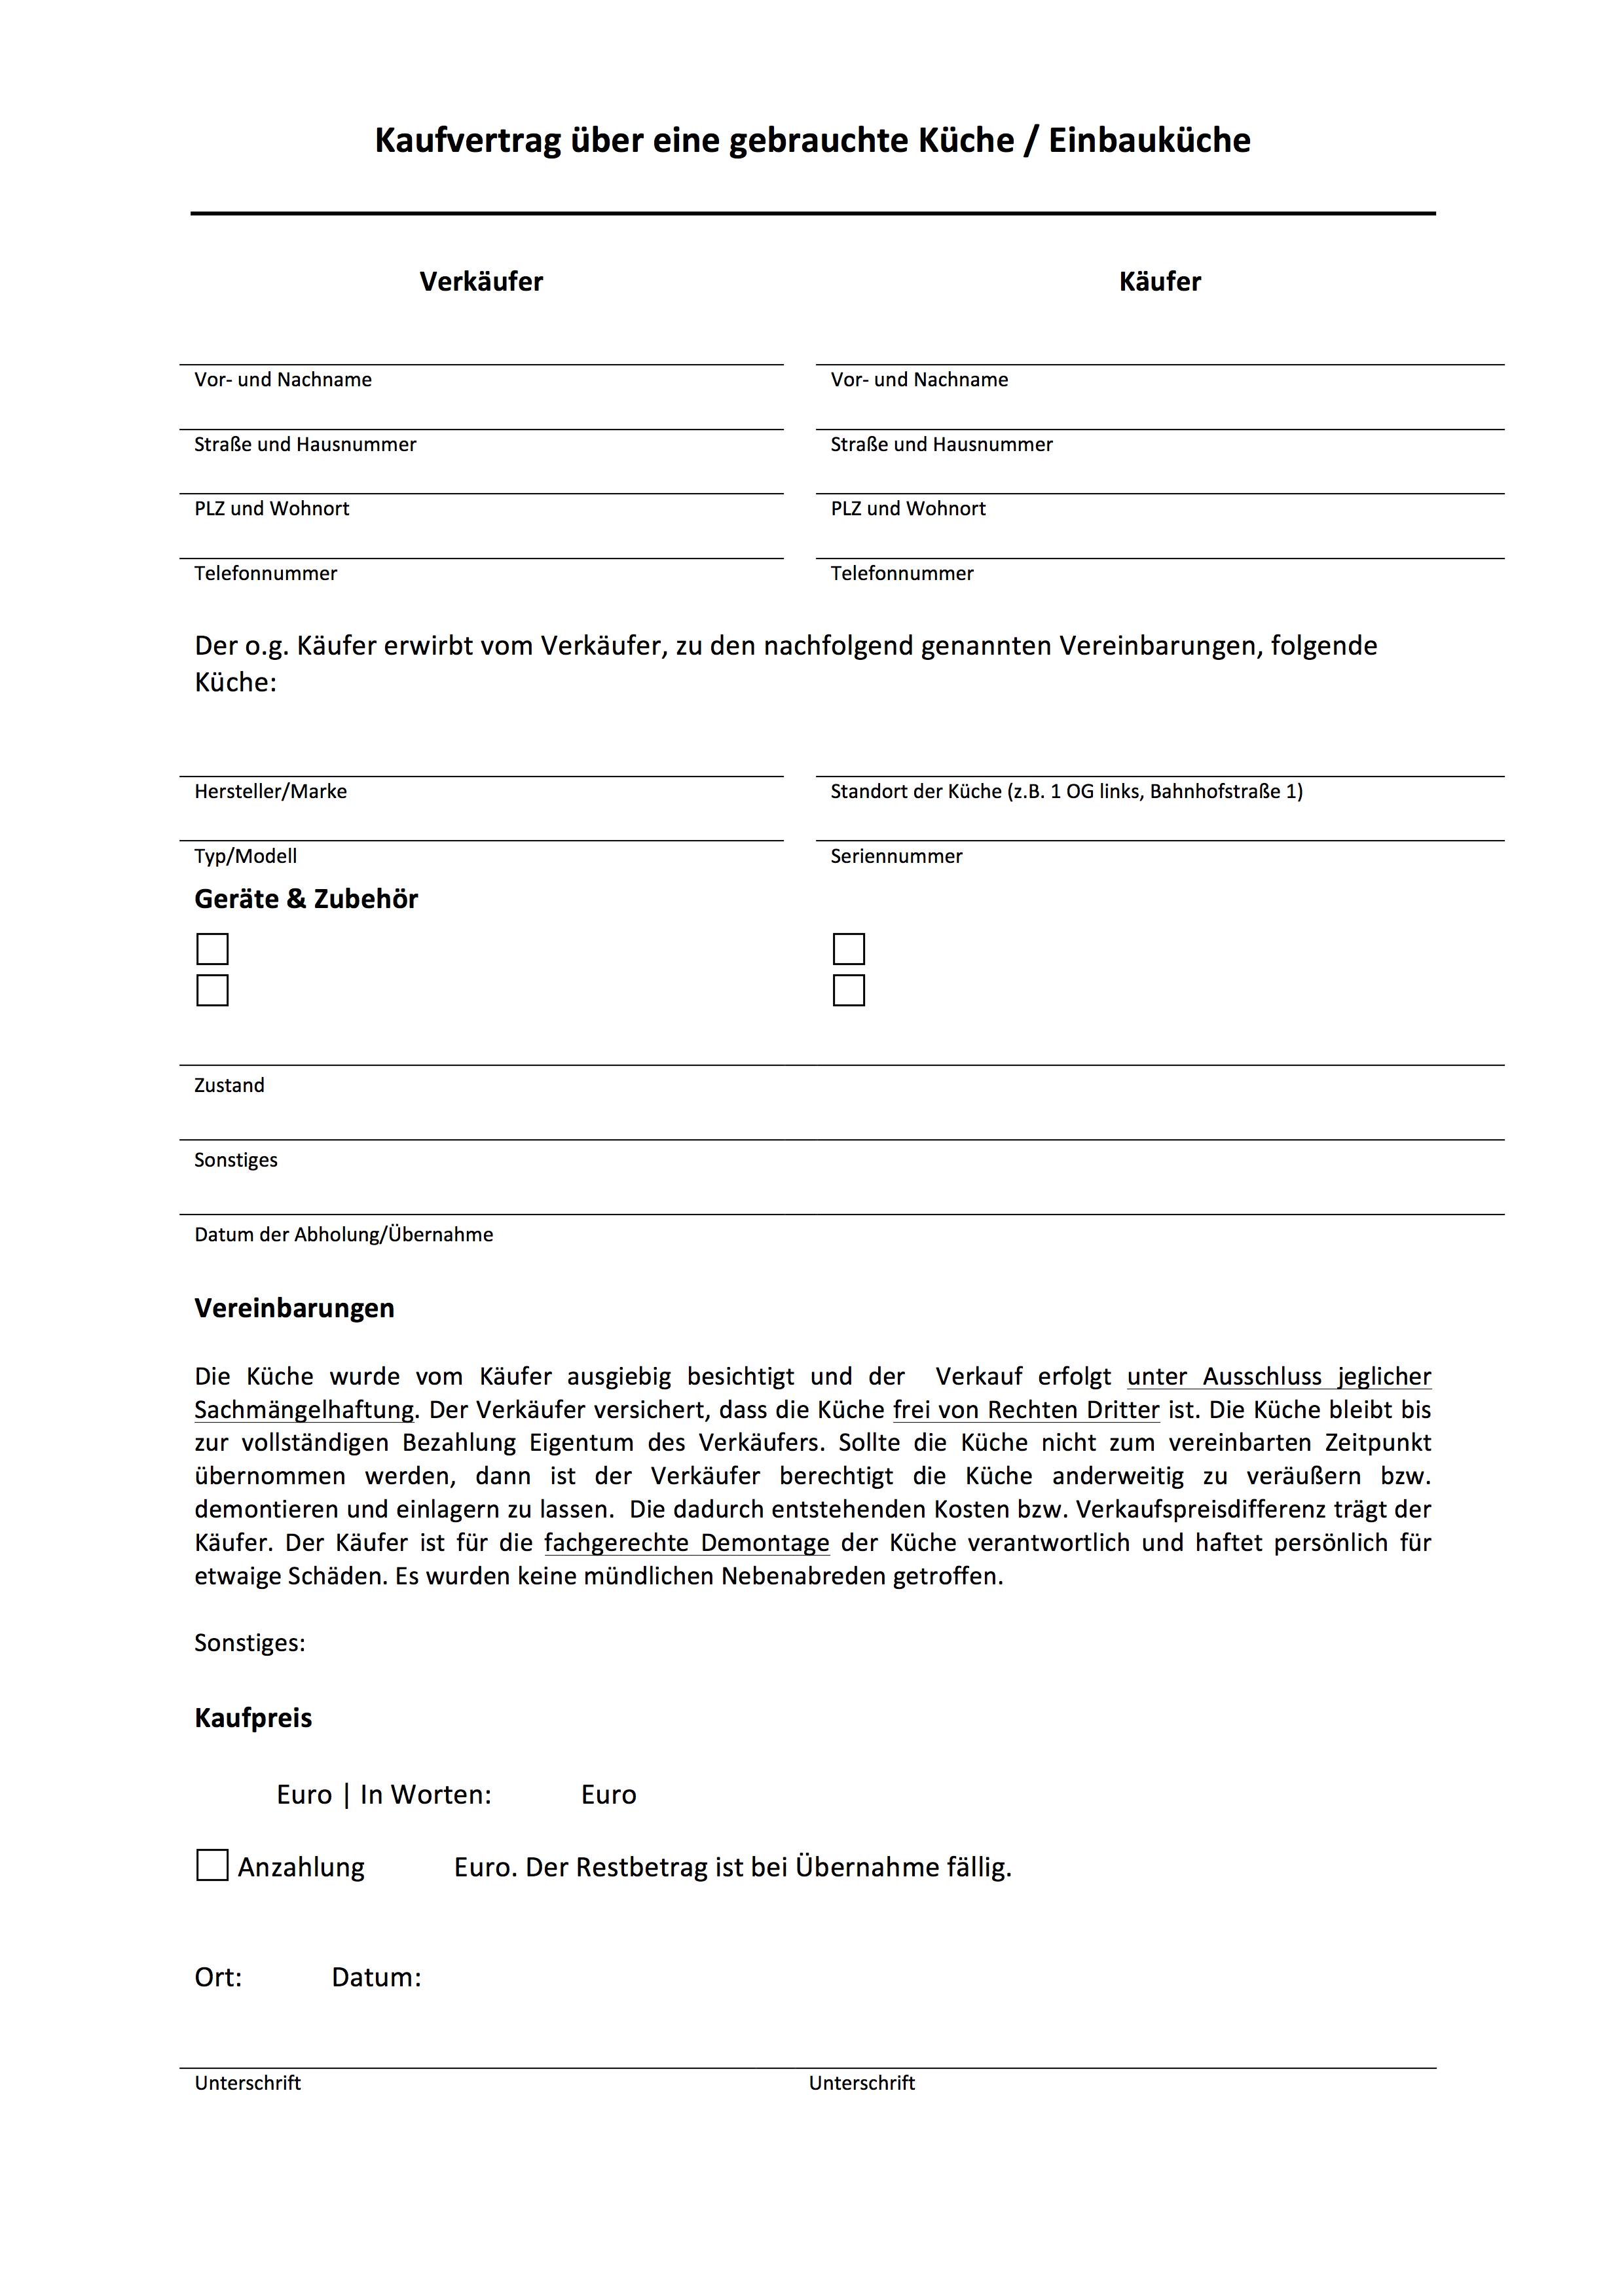 Muster: Kaufvetrag über eine gebrauchte Küche / Einbauküche